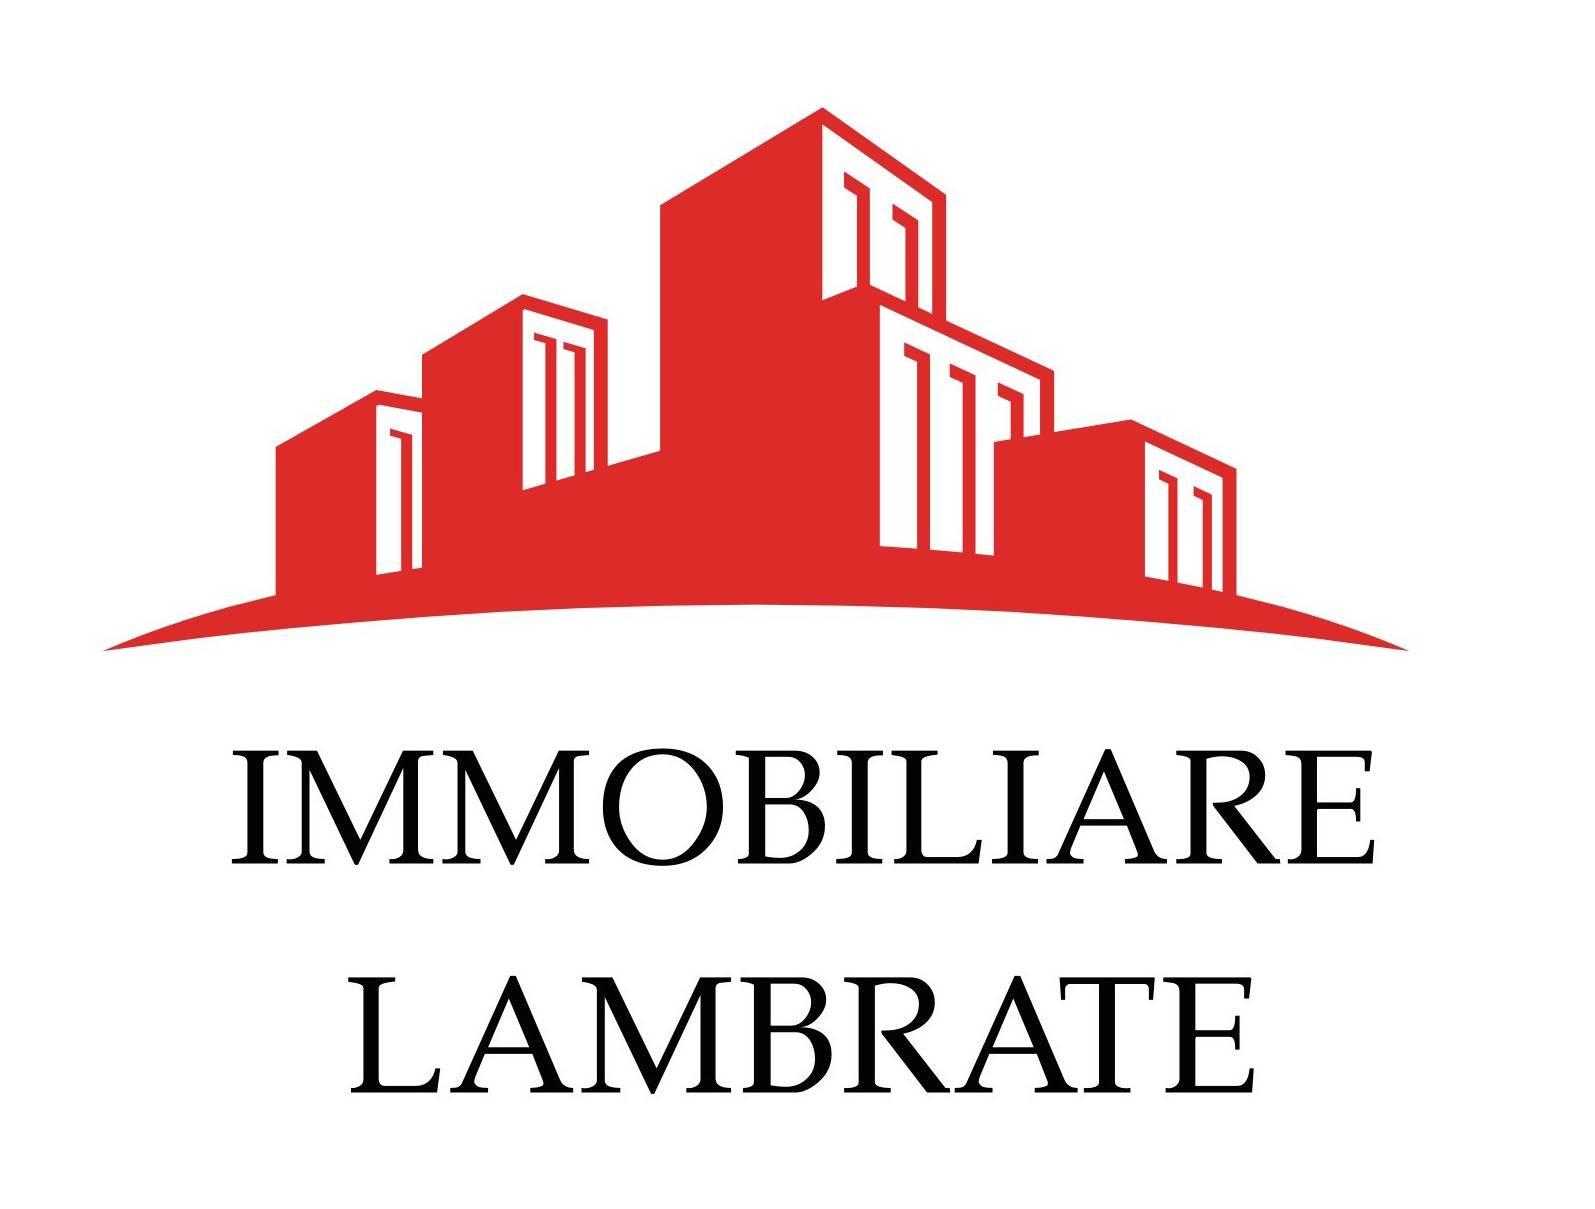 Immobiliare Lambrate